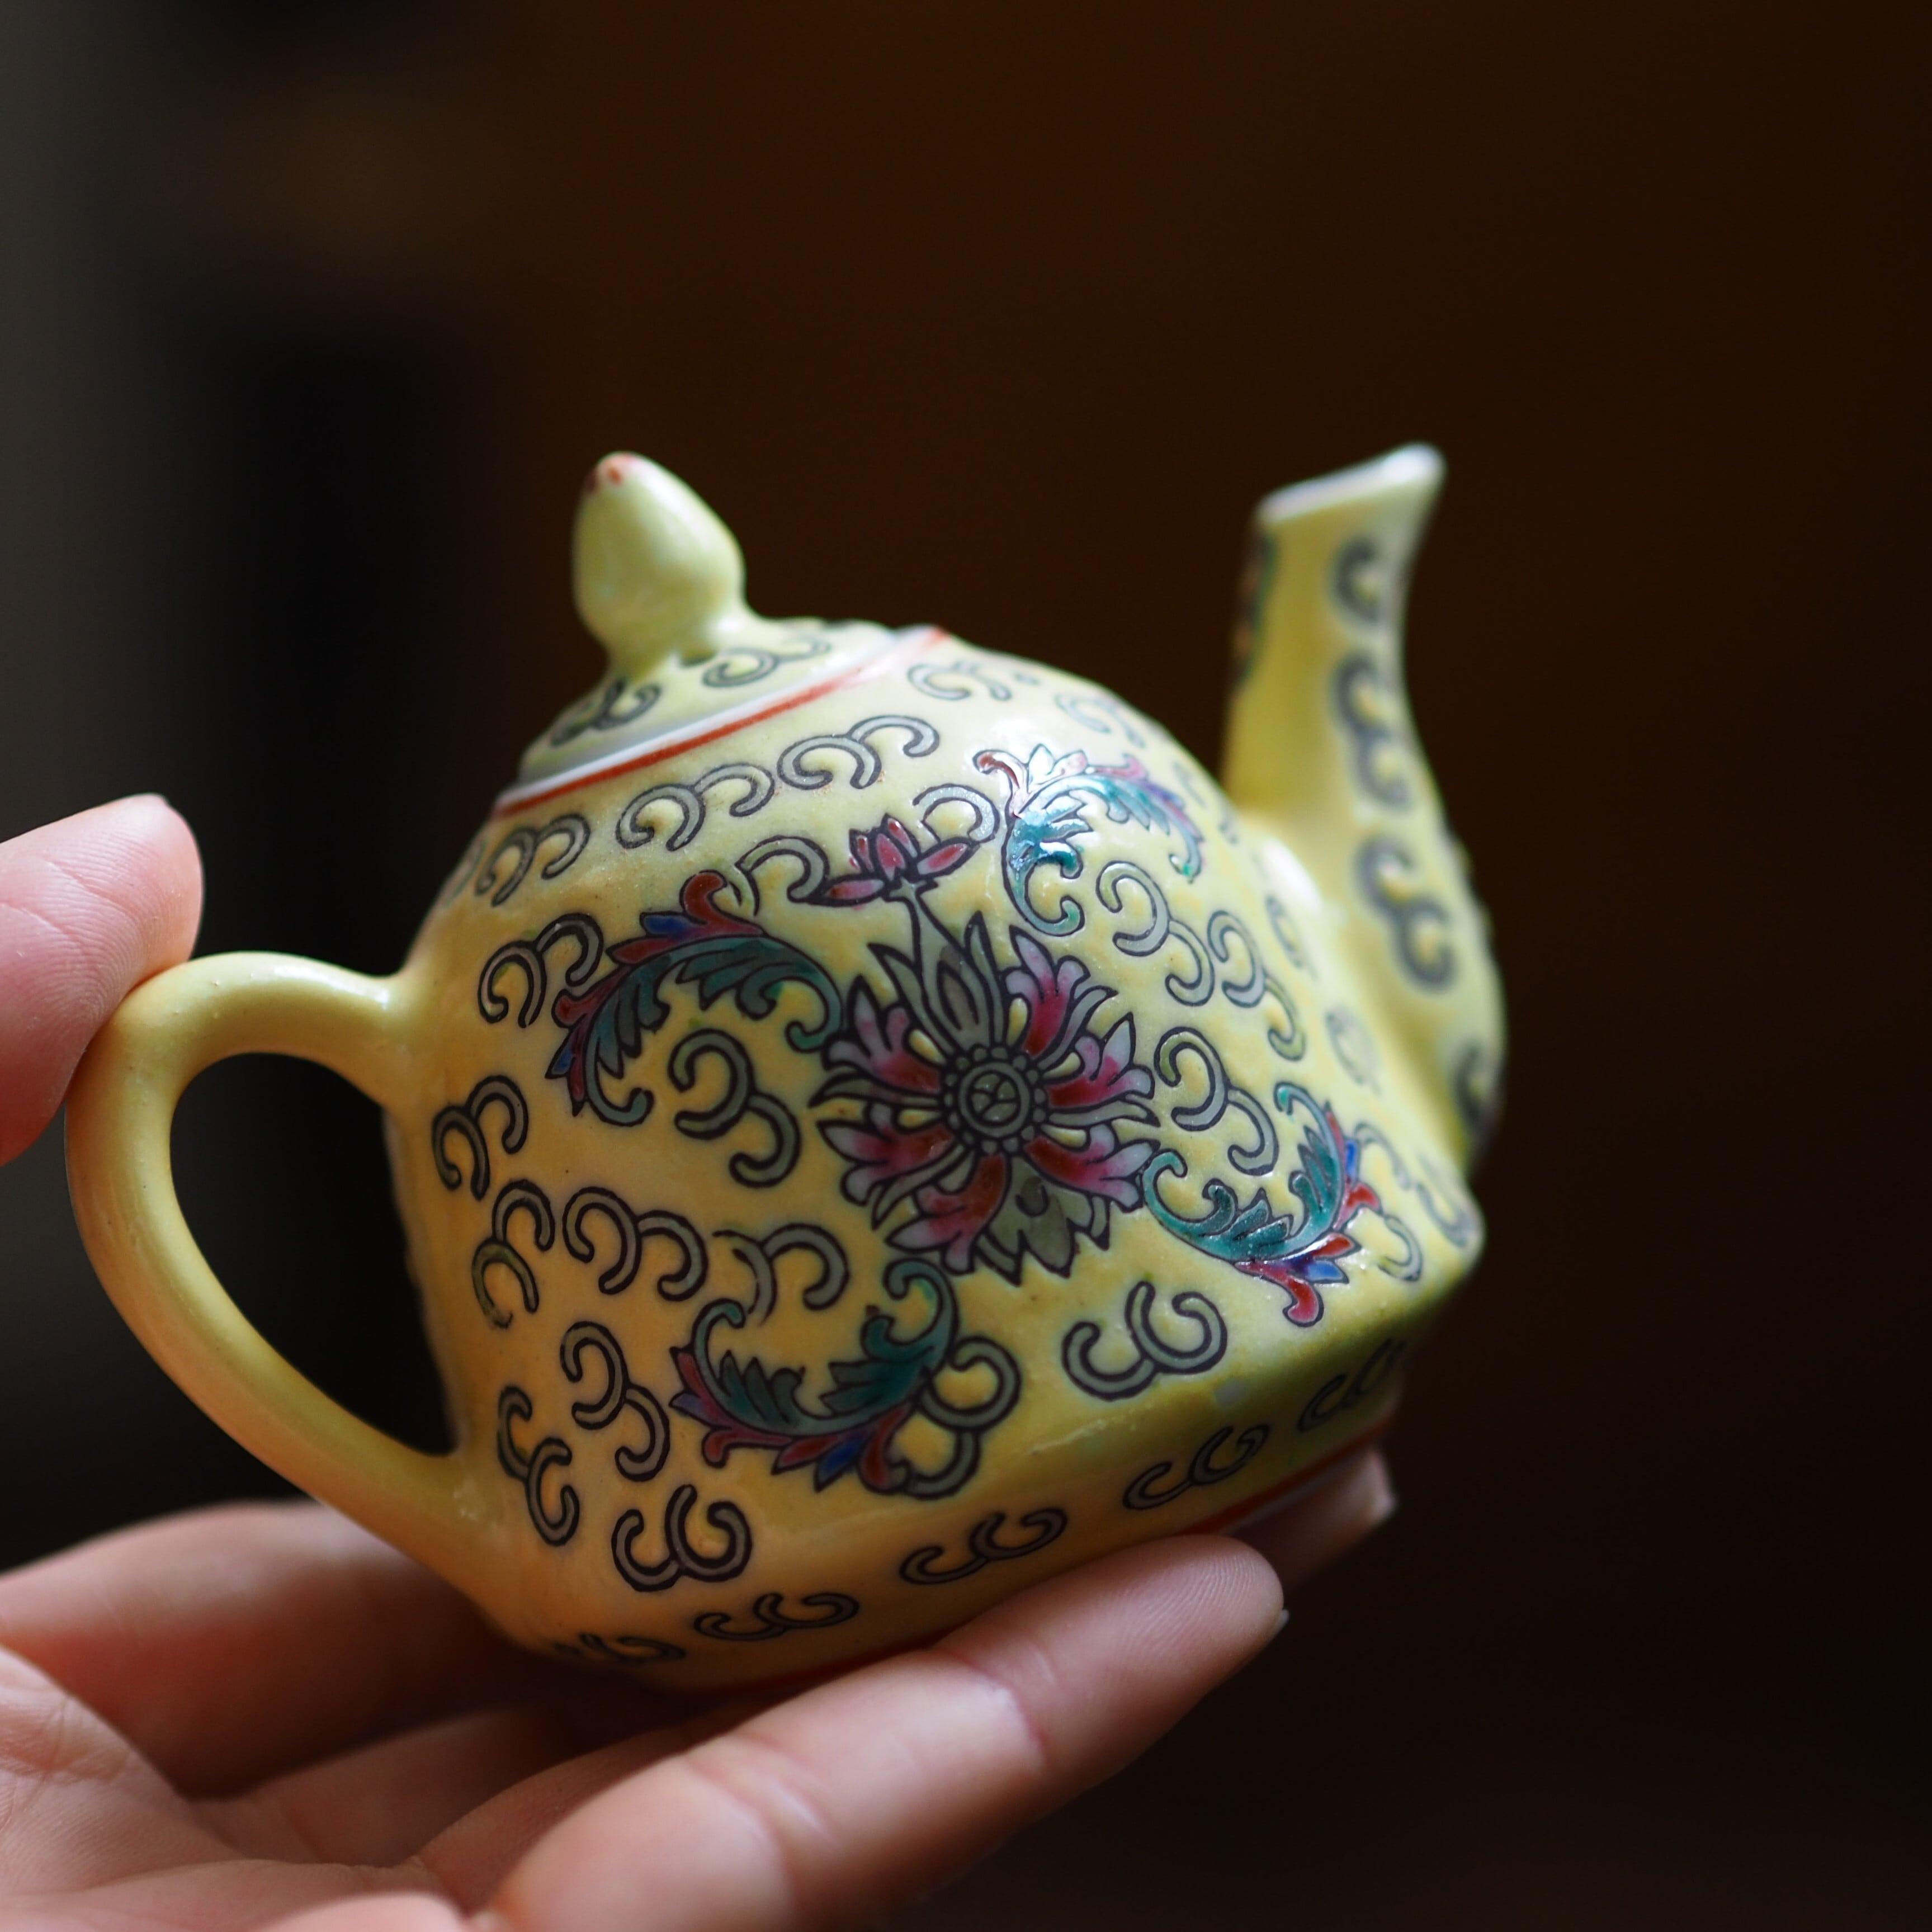 『華黄のちいさな茶壺/急須』景徳鎮